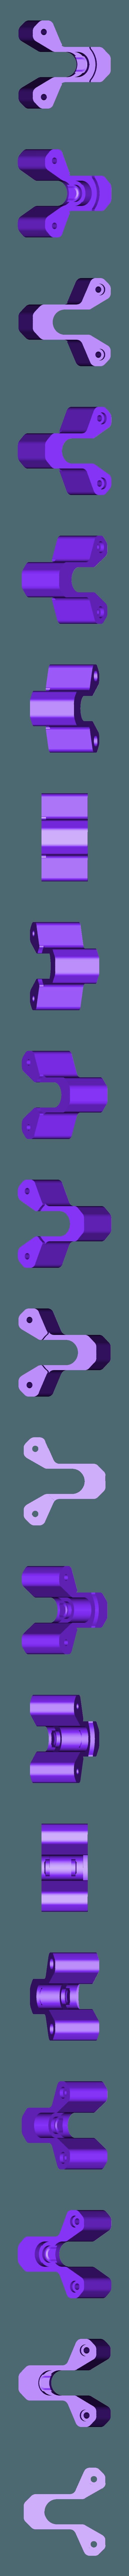 Gearhead_v2-0_99.STL Télécharger fichier STL gratuit Montage de l'extrudeuse (Printrbot Gear Head) • Plan à imprimer en 3D, WalterHsiao